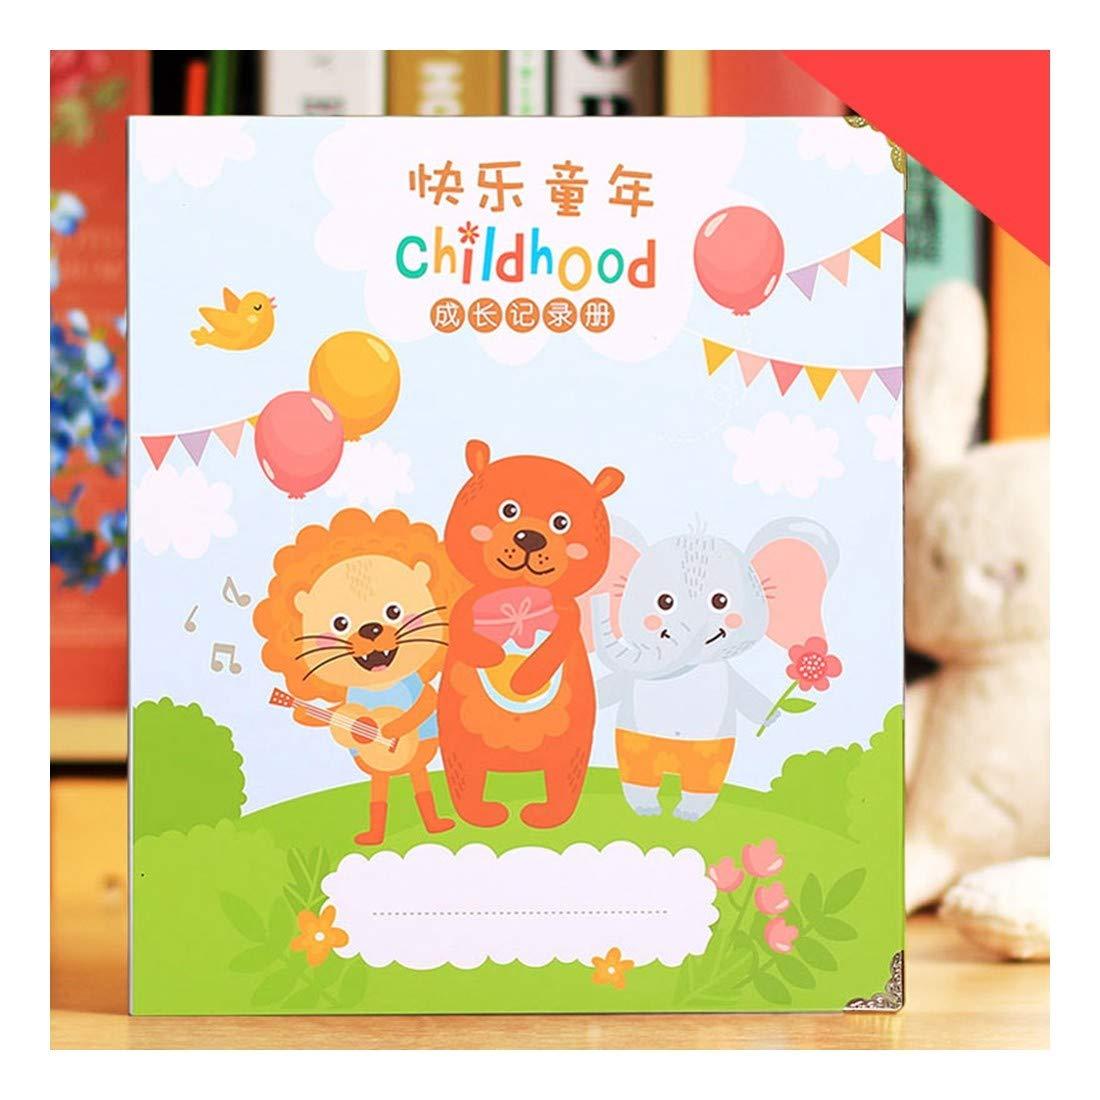 ZHAOXIANGXIANG Crecimiento De Kindergarten Archivo Manual DIY Familiar Álbum Diary Registros Manuales Infantiles Crecimiento Familiar DIY Álbum para Amante Bebé Scrapbooking Craft,1 35468d